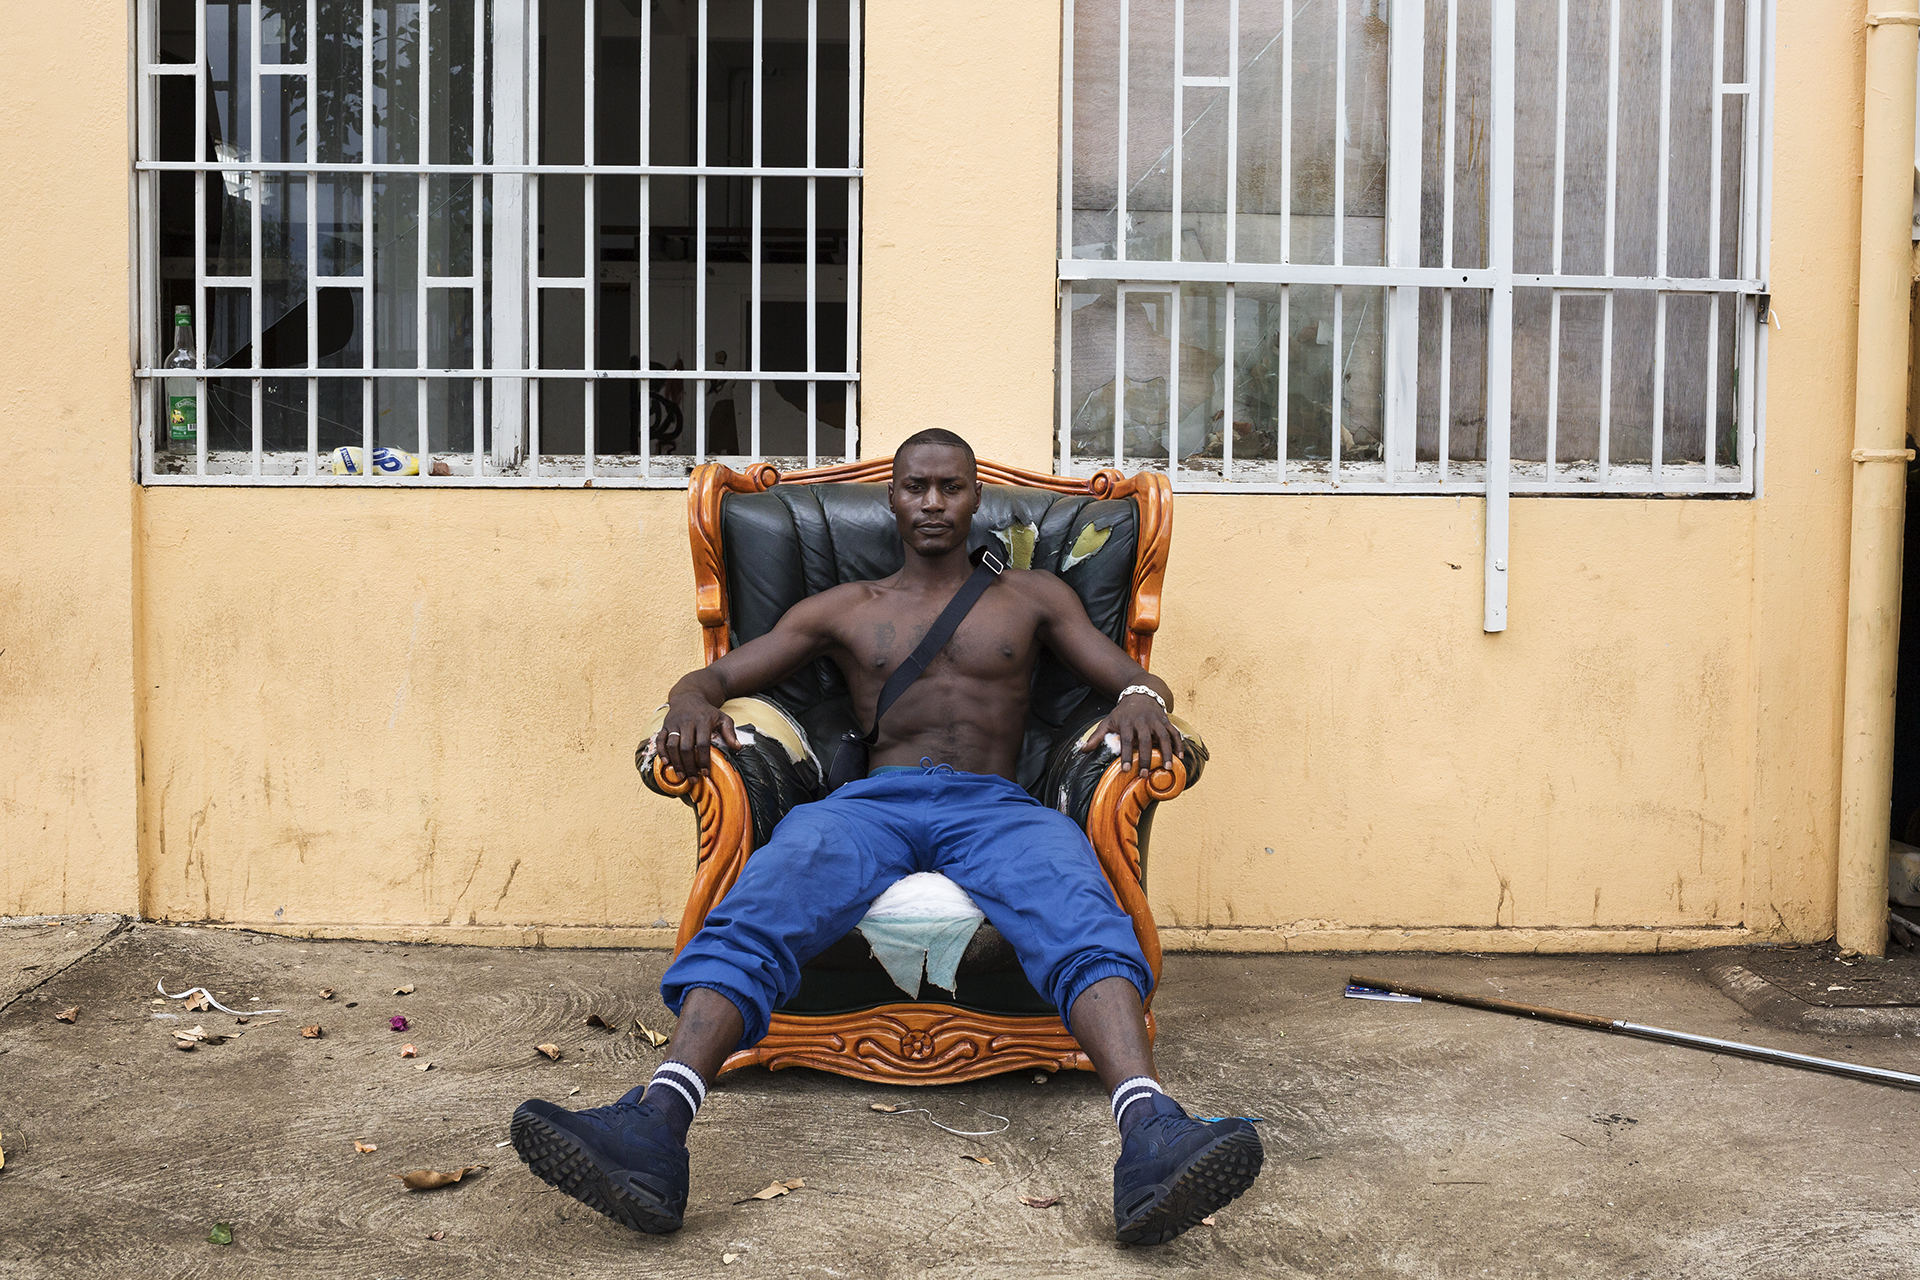 Djanfar est âgé de 28 ans. Originaire de Mayotte où il est né, il est arrivé assez jeune chez une de ses tantes au Port. Il a fait des études d'électricien mais n'arrivant pas à trouver du travail à La Réunion, il a décidé de partir en métropole et de s'engager dans l'armée pour cinq ans. Son contrat terminé, il est rentré à La Réunion. Après un an de recherche d'emploi sans succès, il a décidé de retourner à Mayotte.